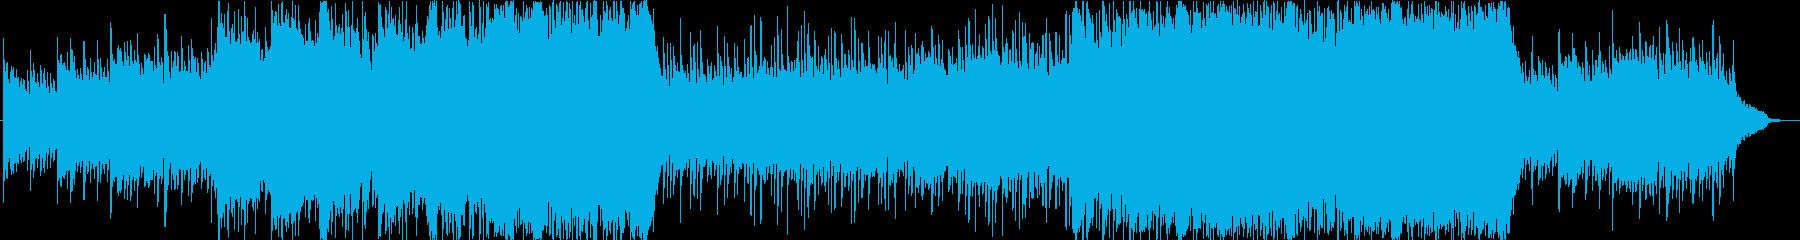 心に強く訴える音楽の再生済みの波形